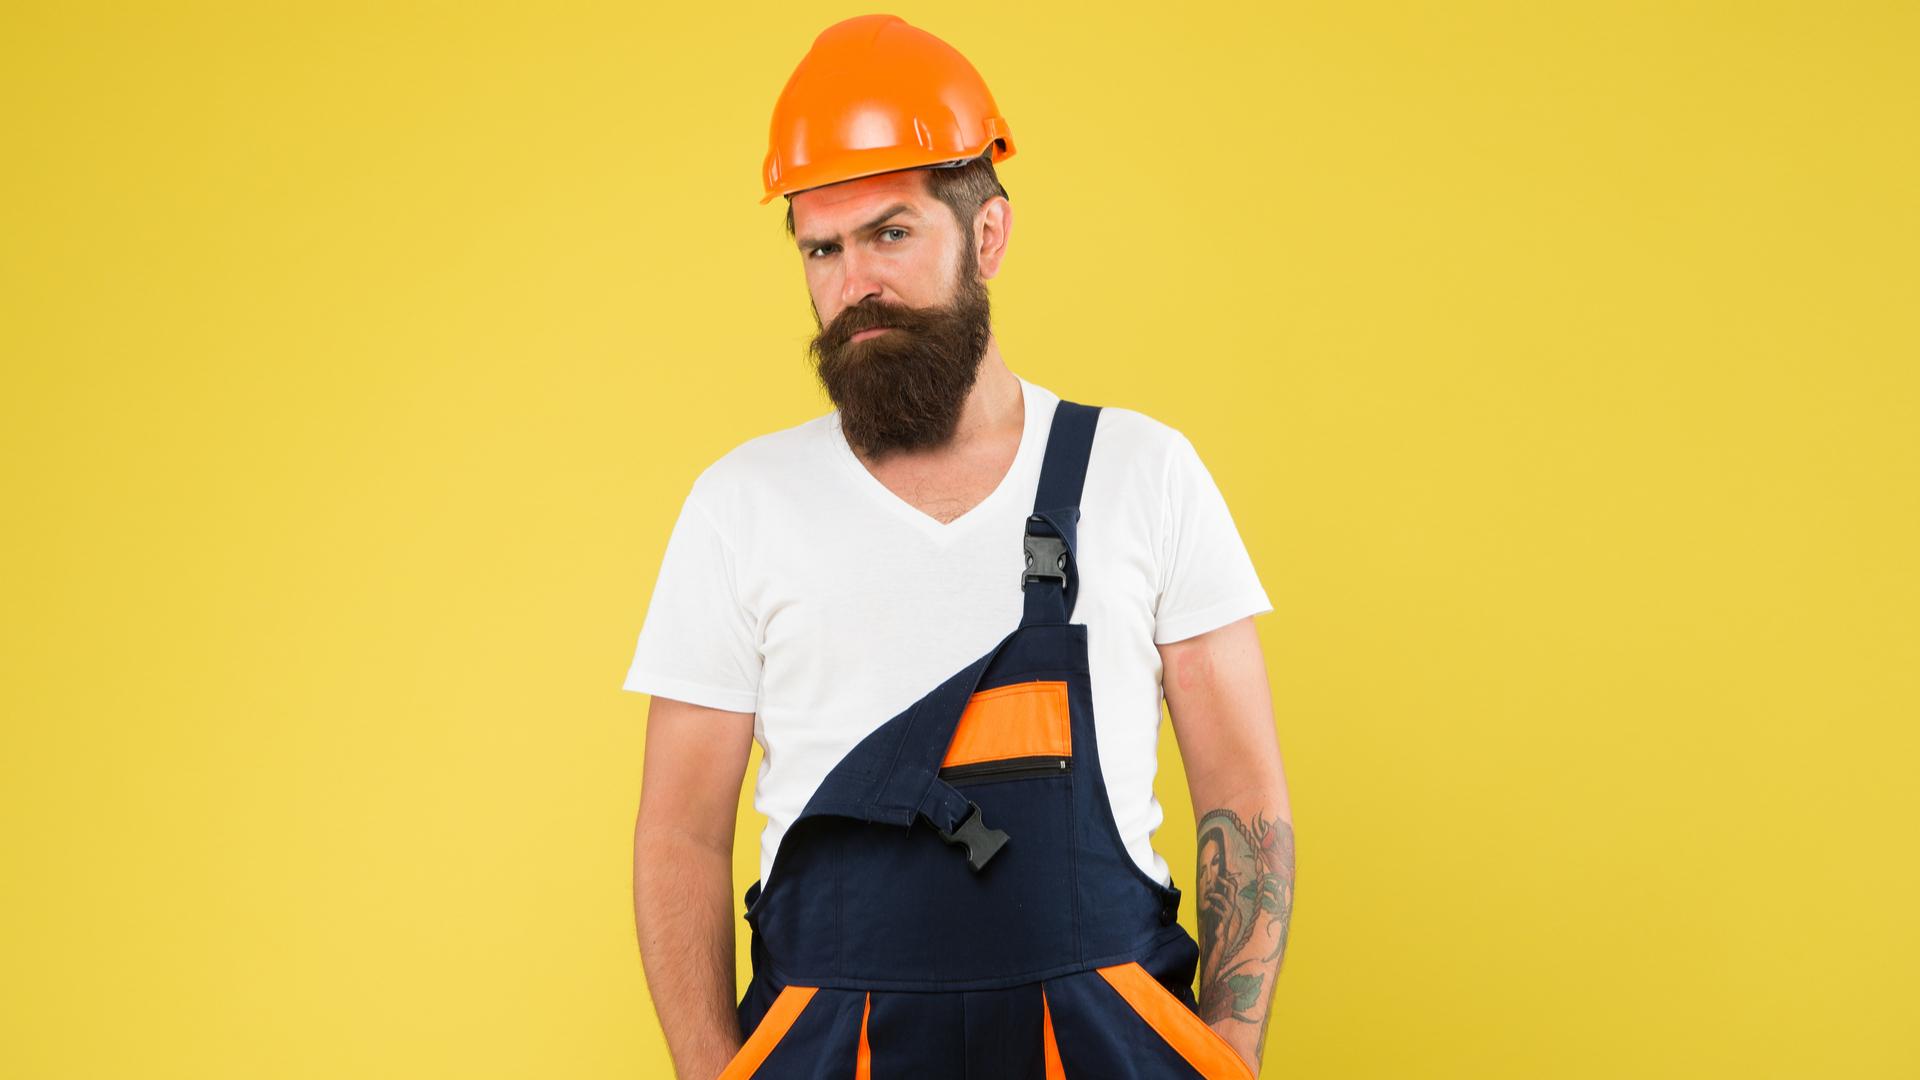 A grumpy looking builder